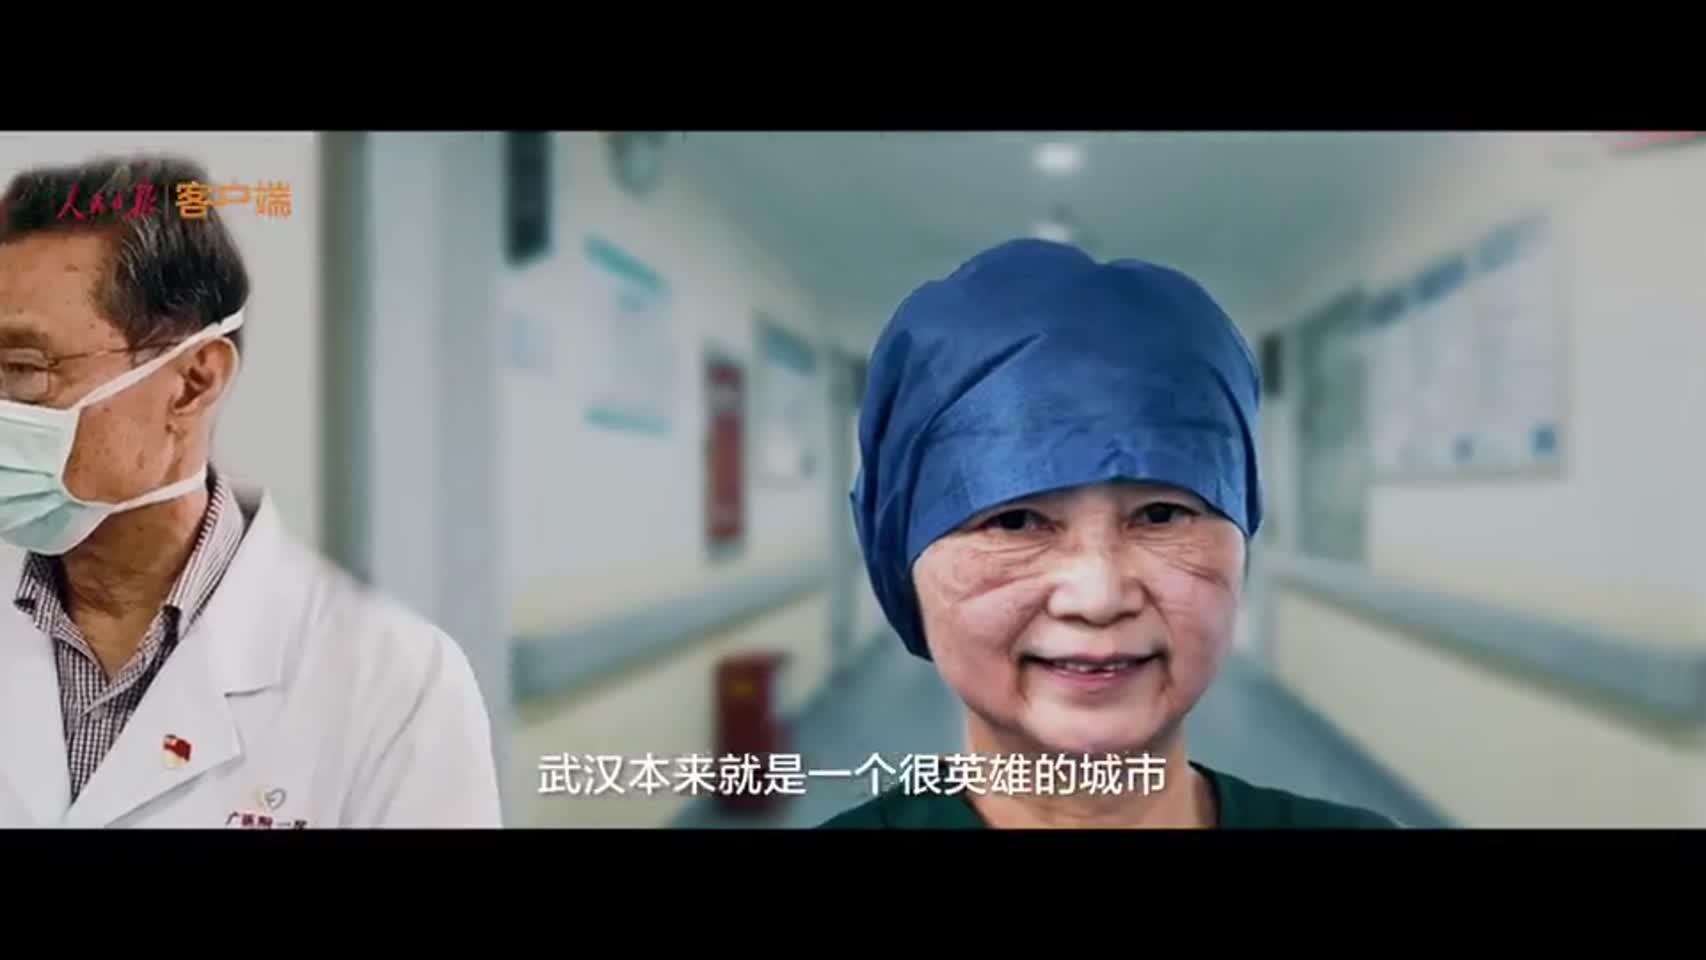 武汉保卫战-中新网视频